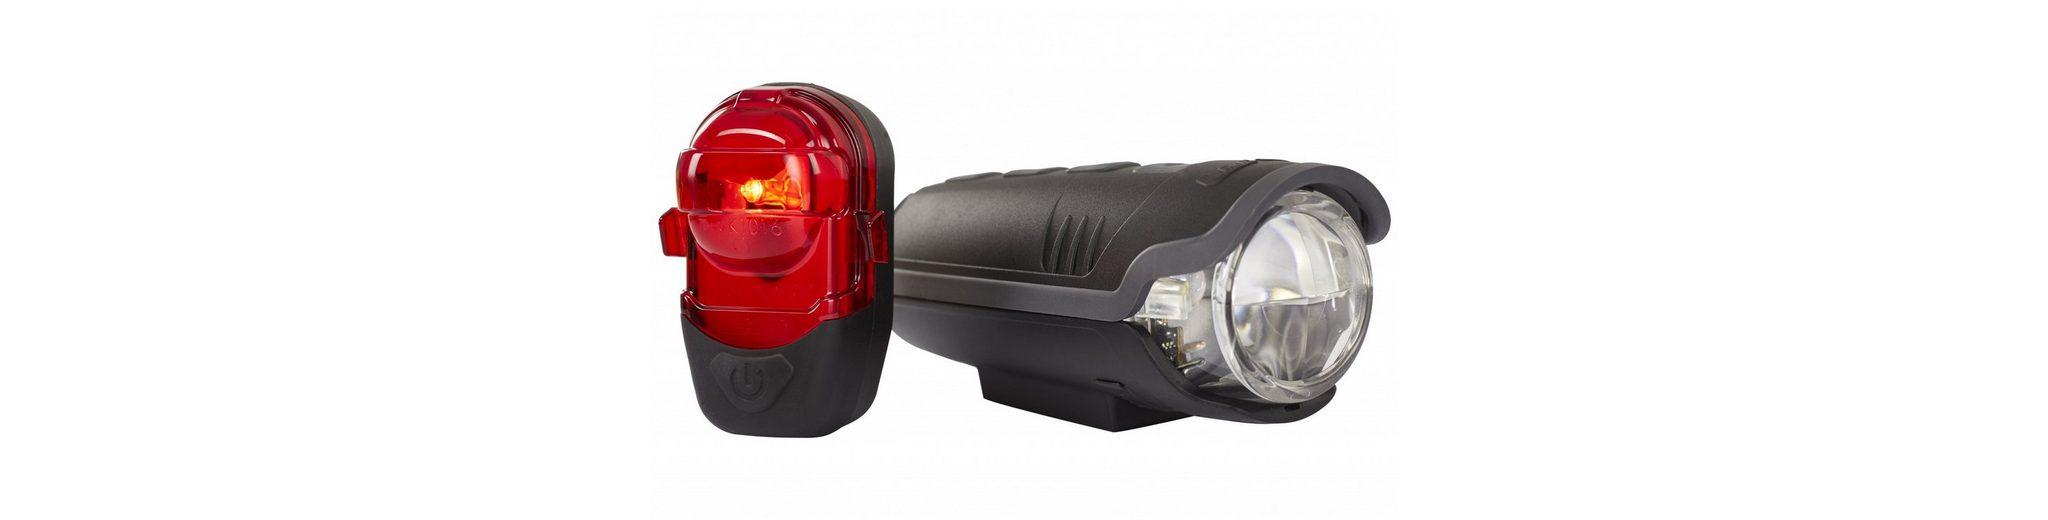 Busch + Müller Fahrradbeleuchtung »IXON Pure/IX-Post Beleuchtungsset«